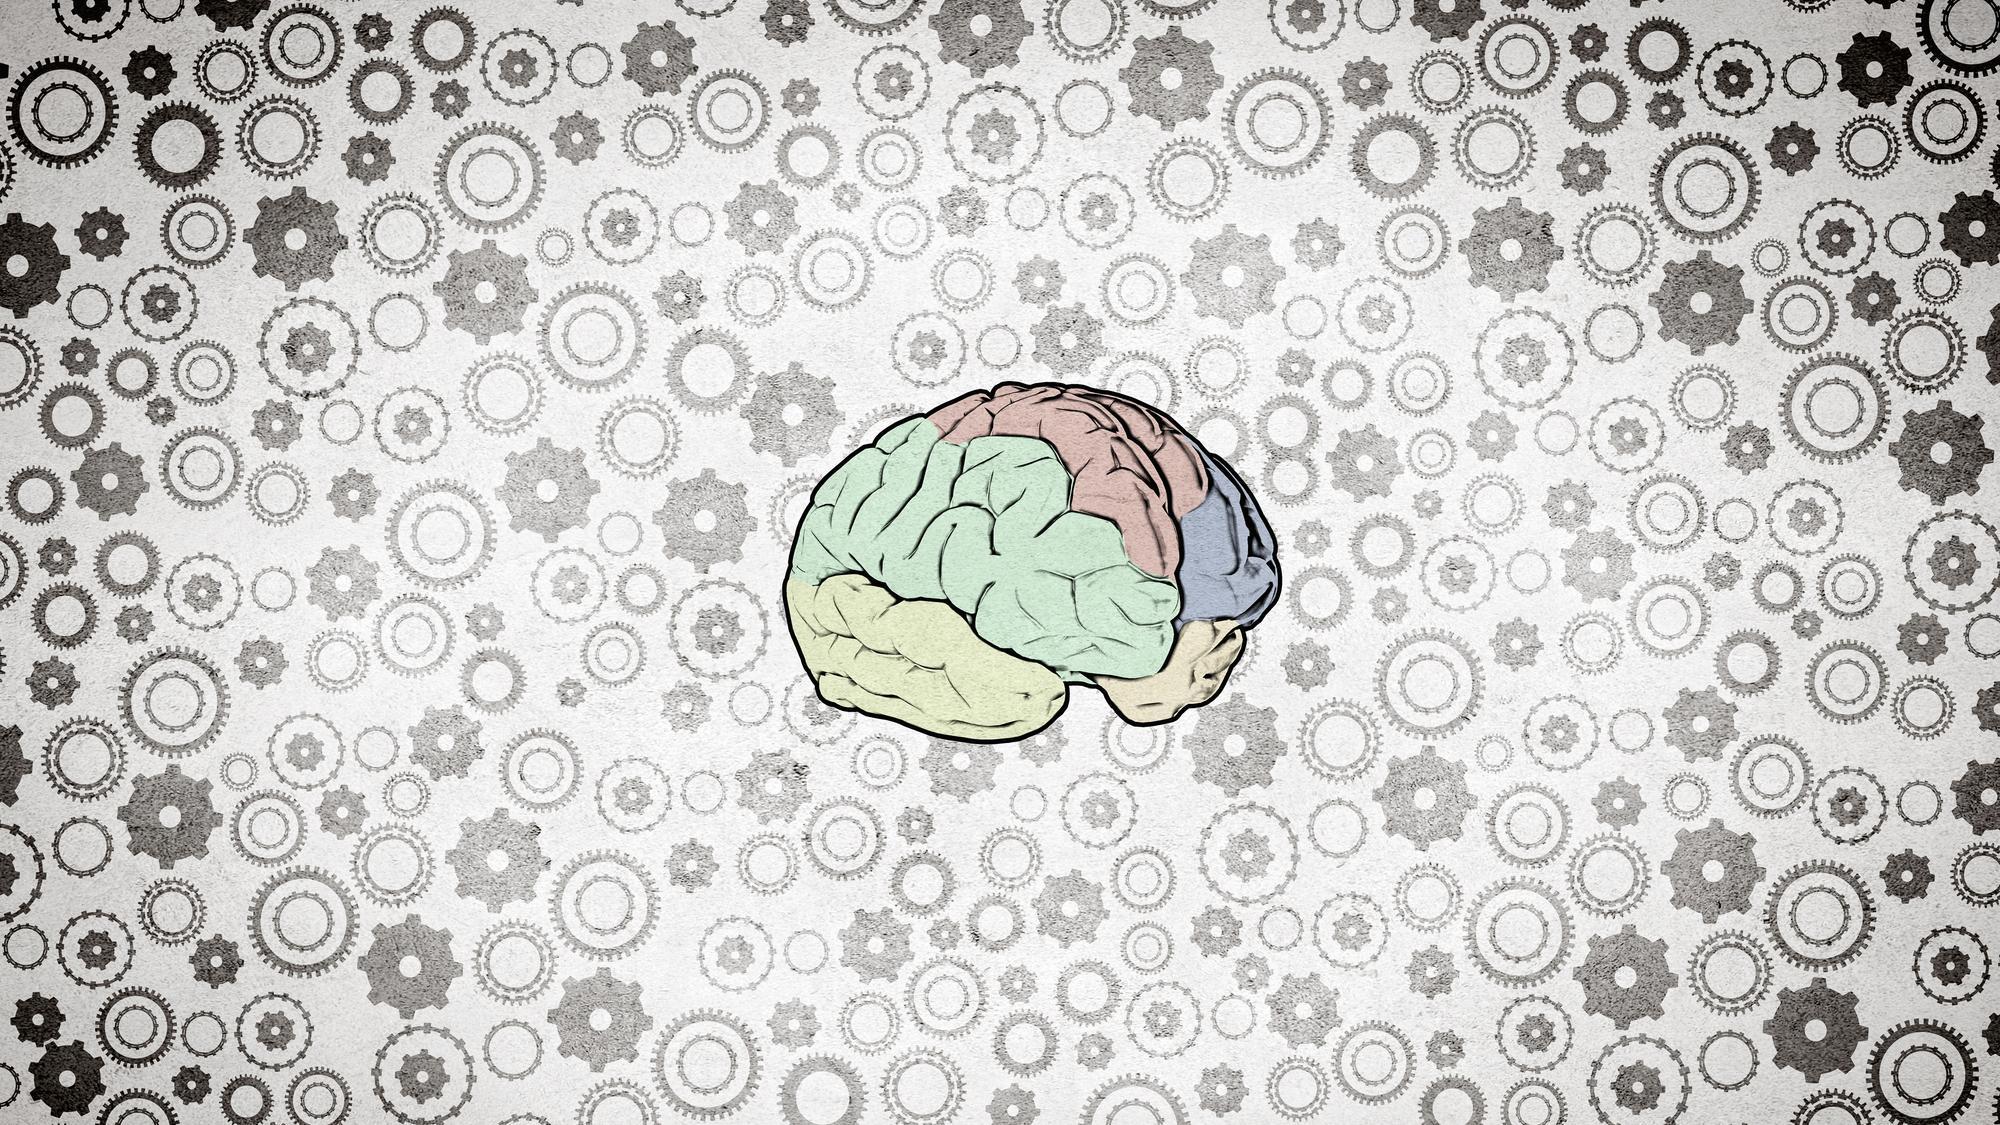 Нейробиологи обнаружили феномен, которому нет объяснения